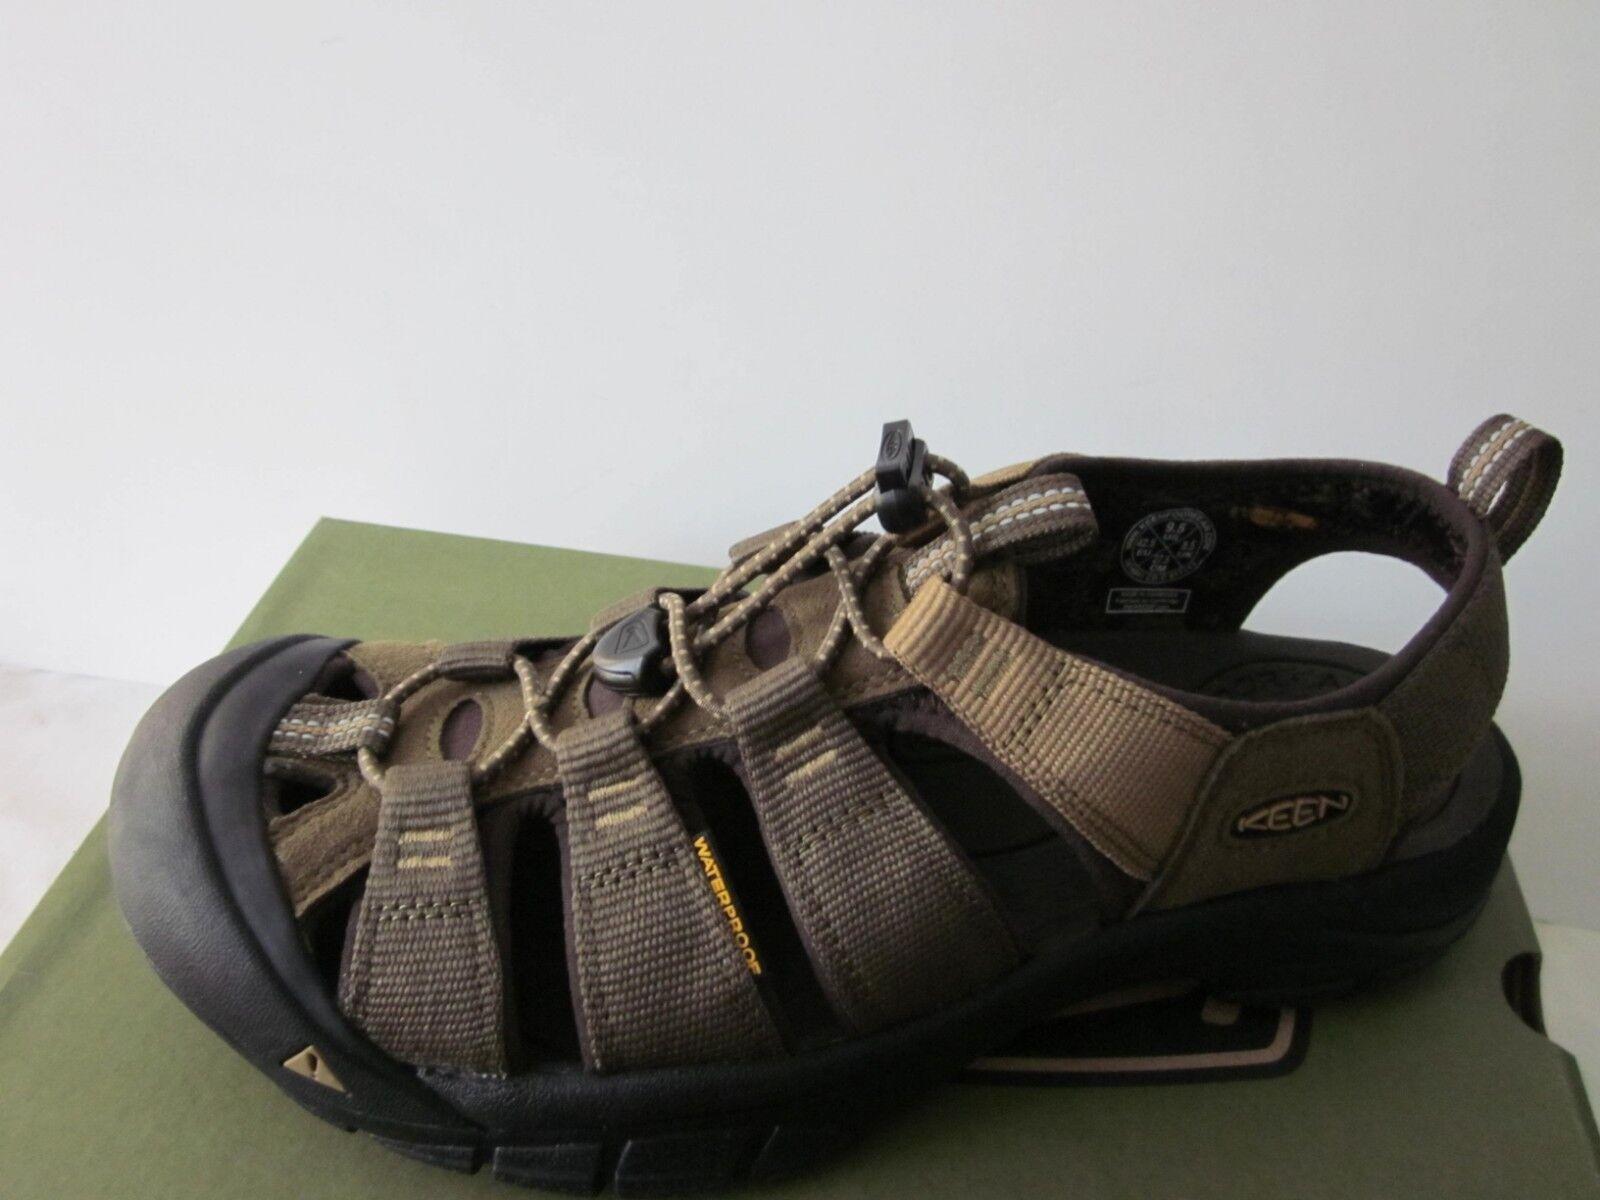 Keen Newport Hydro Men's Trail Hiking Sandals